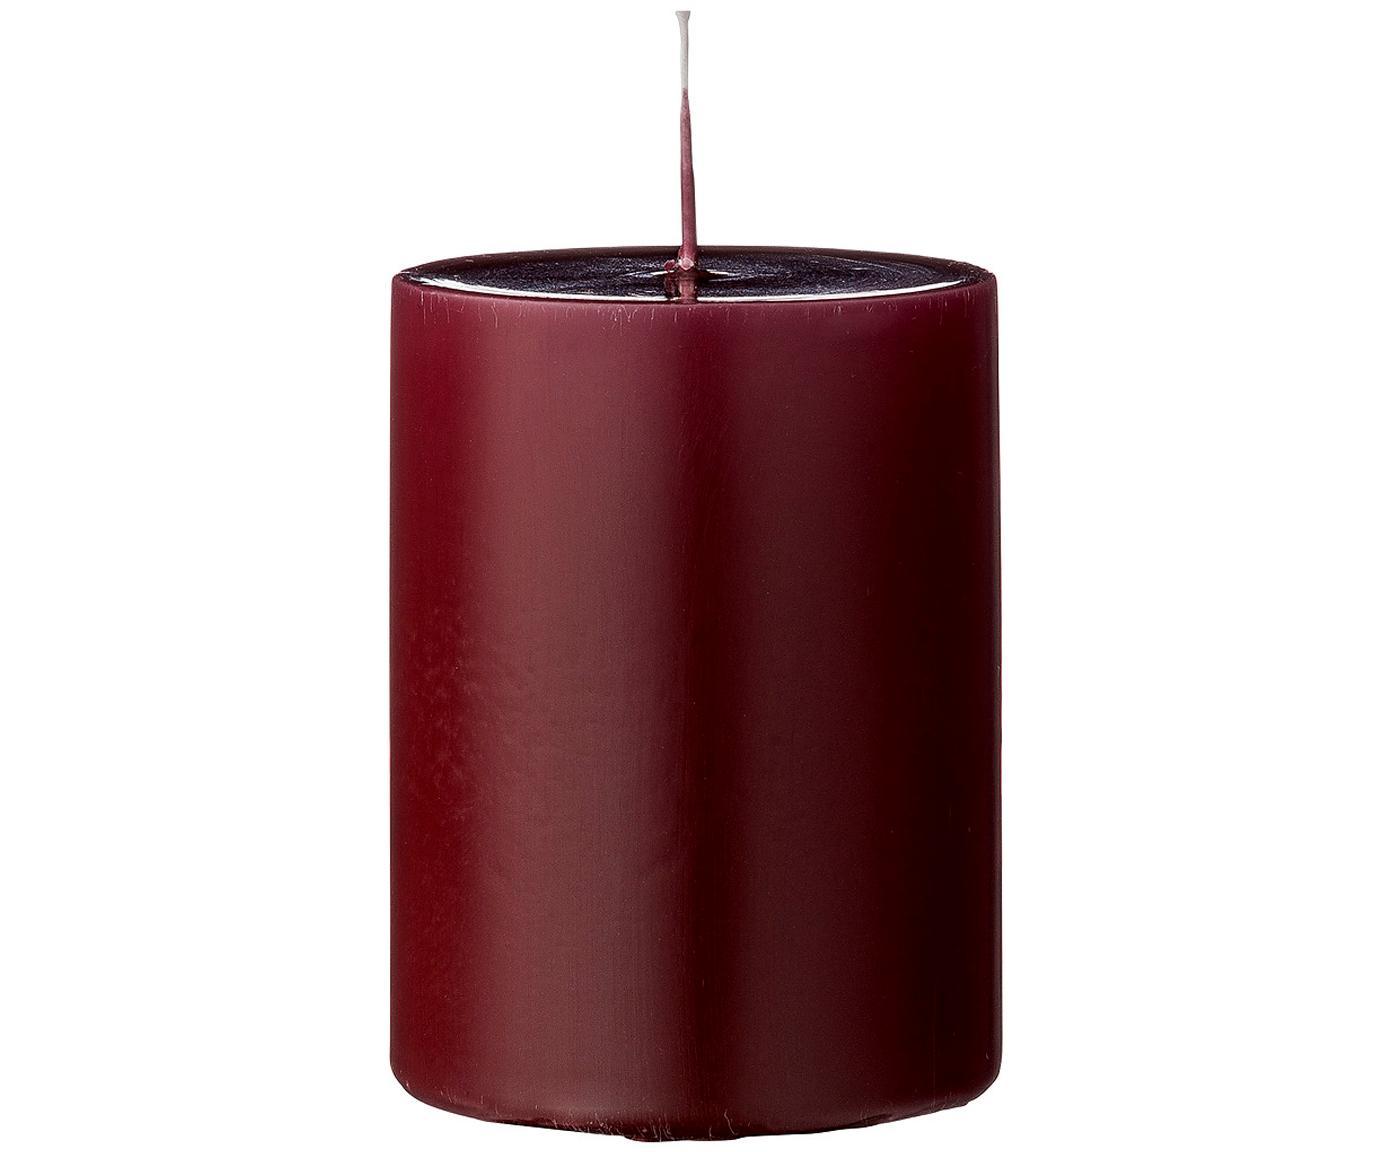 Vilas pilar Lulu, 4uds., Cera, Rojo, Ø 7 x Al 10 cm